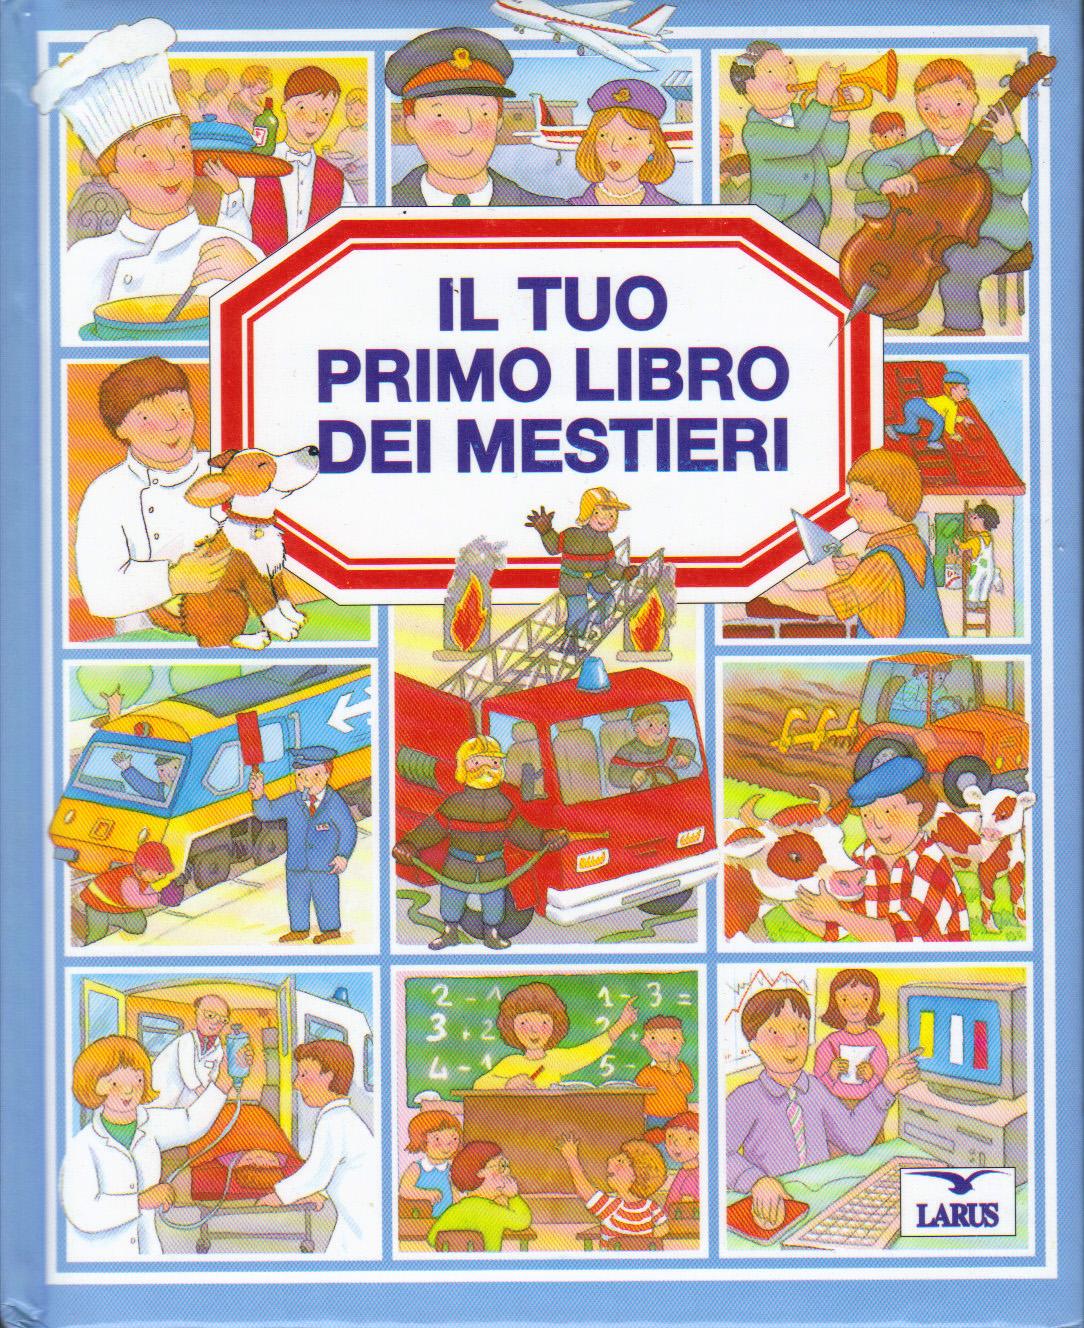 Il tuo primo libro dei mestieri